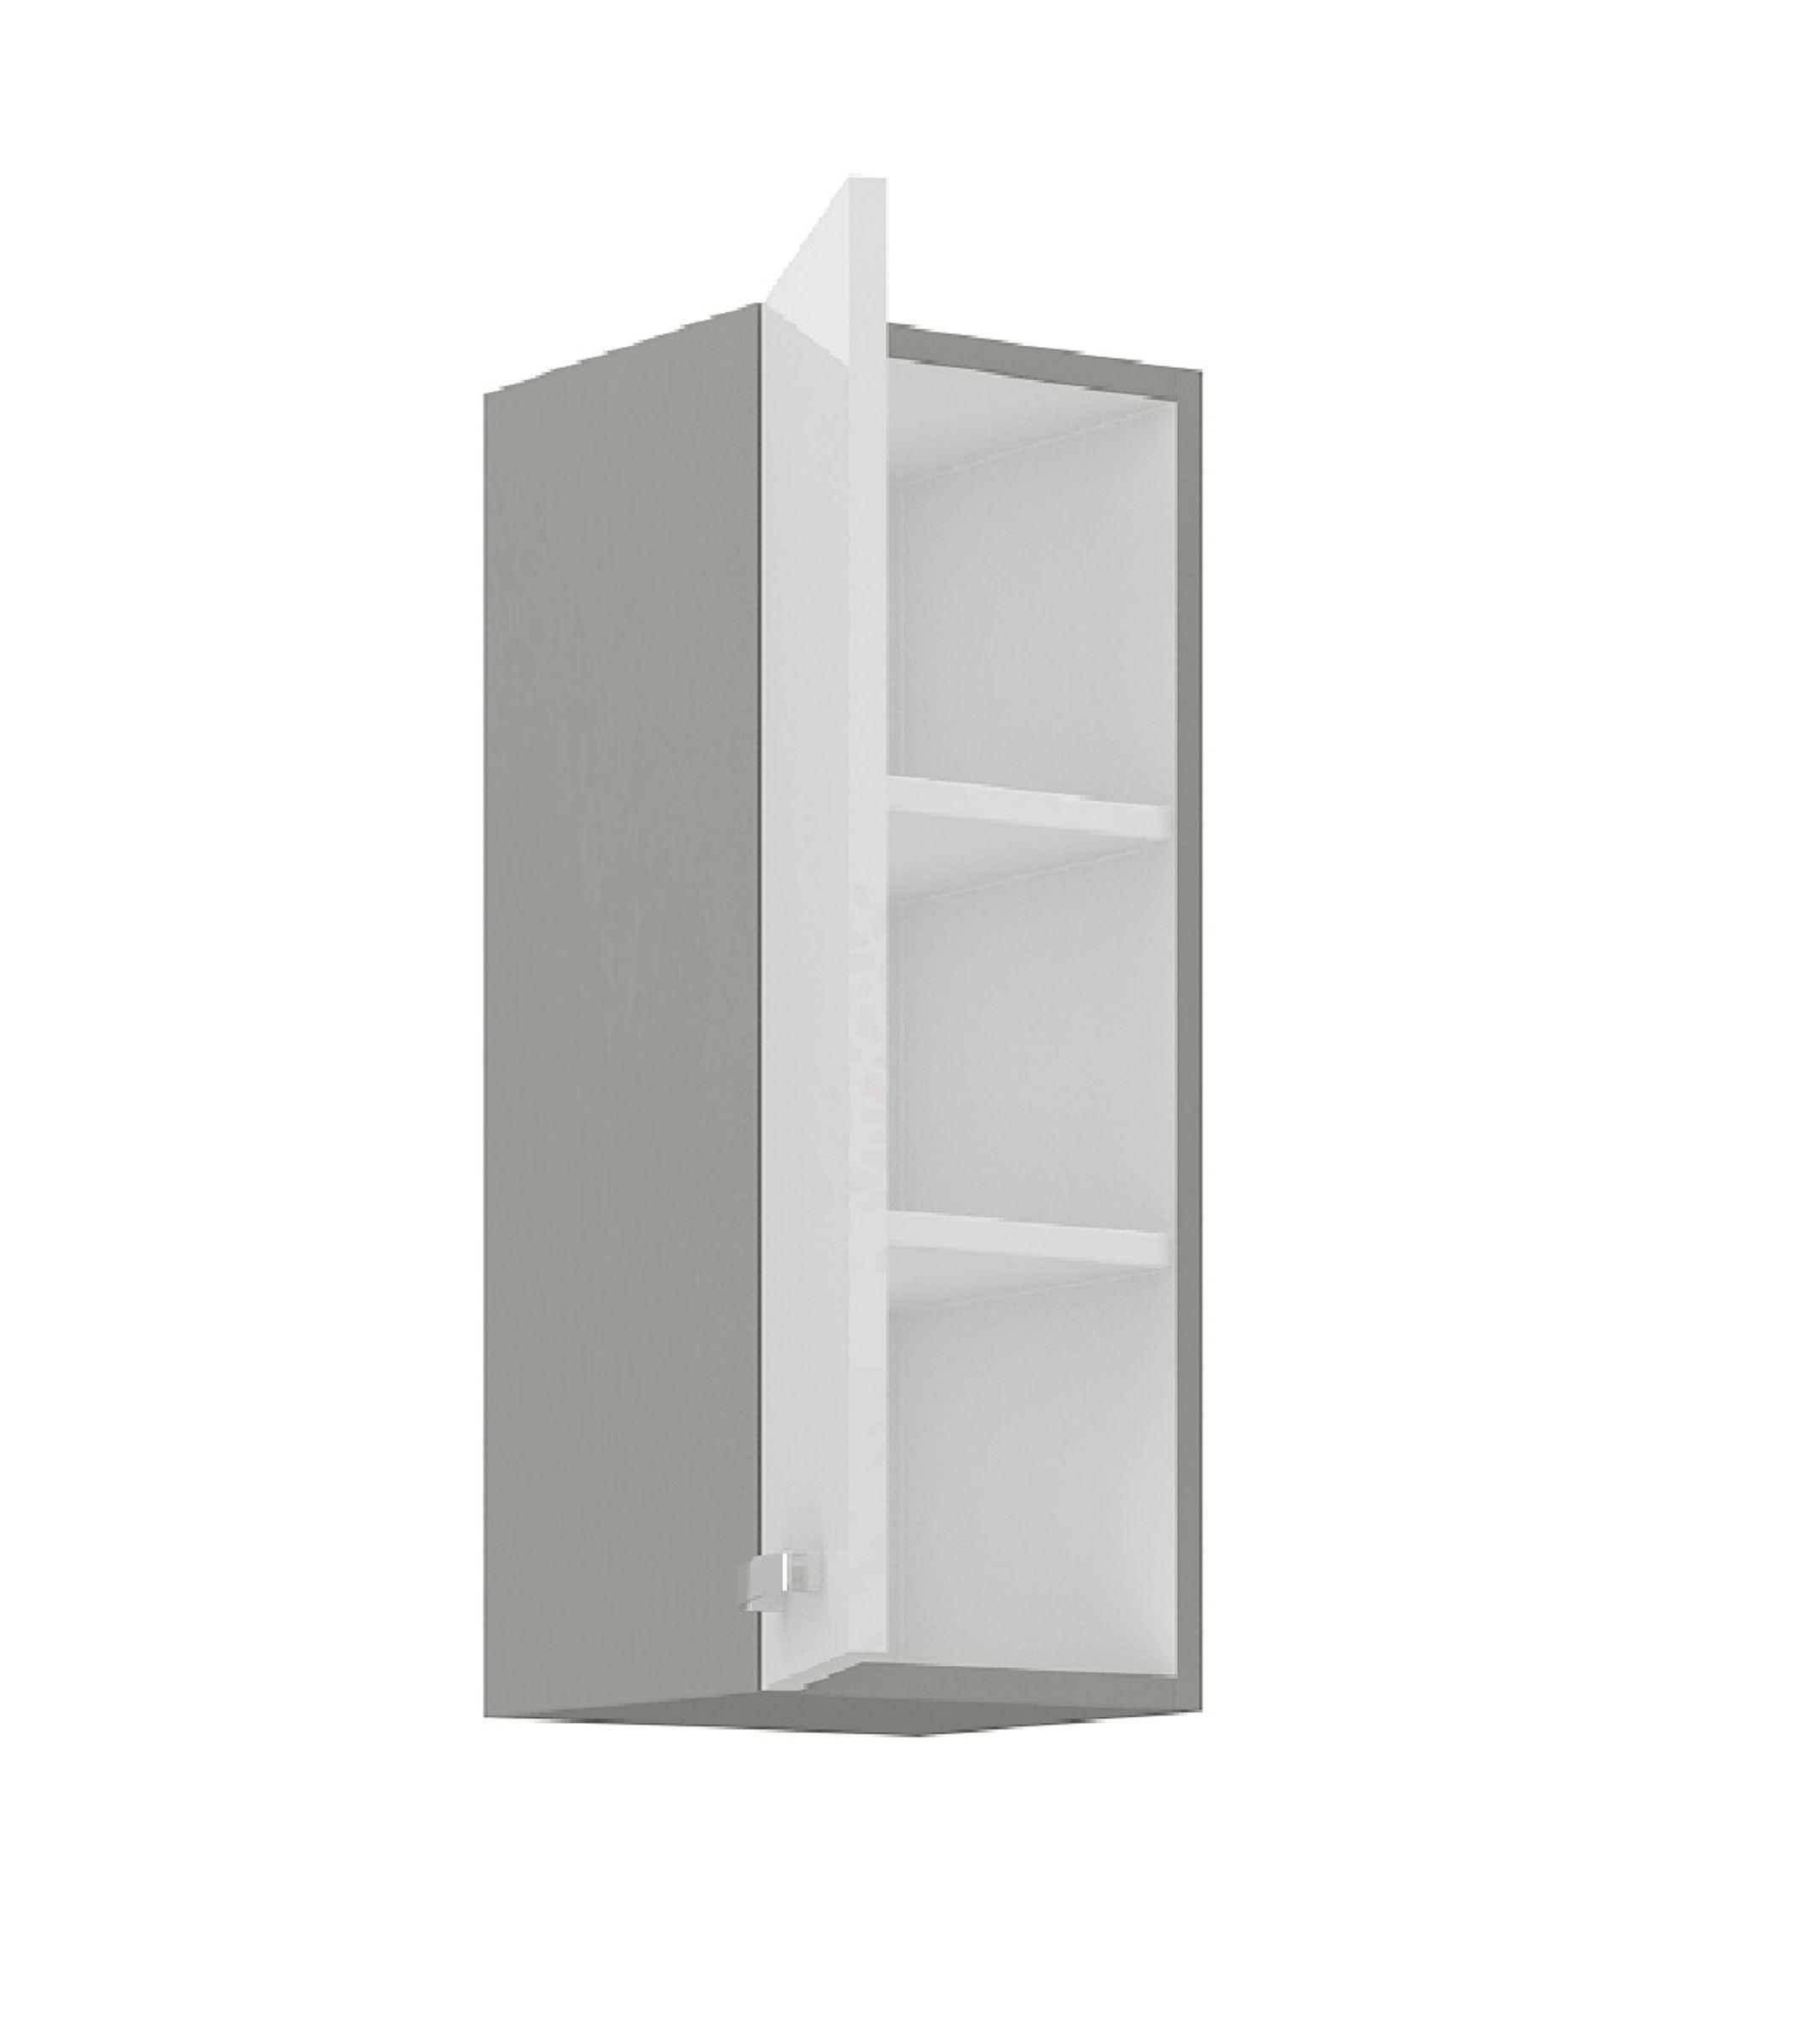 Küchen Hängeschrank 30 cm Bianca Weiss Hochglanz + Grau Küchenzeile Küchenblock – Bild 2